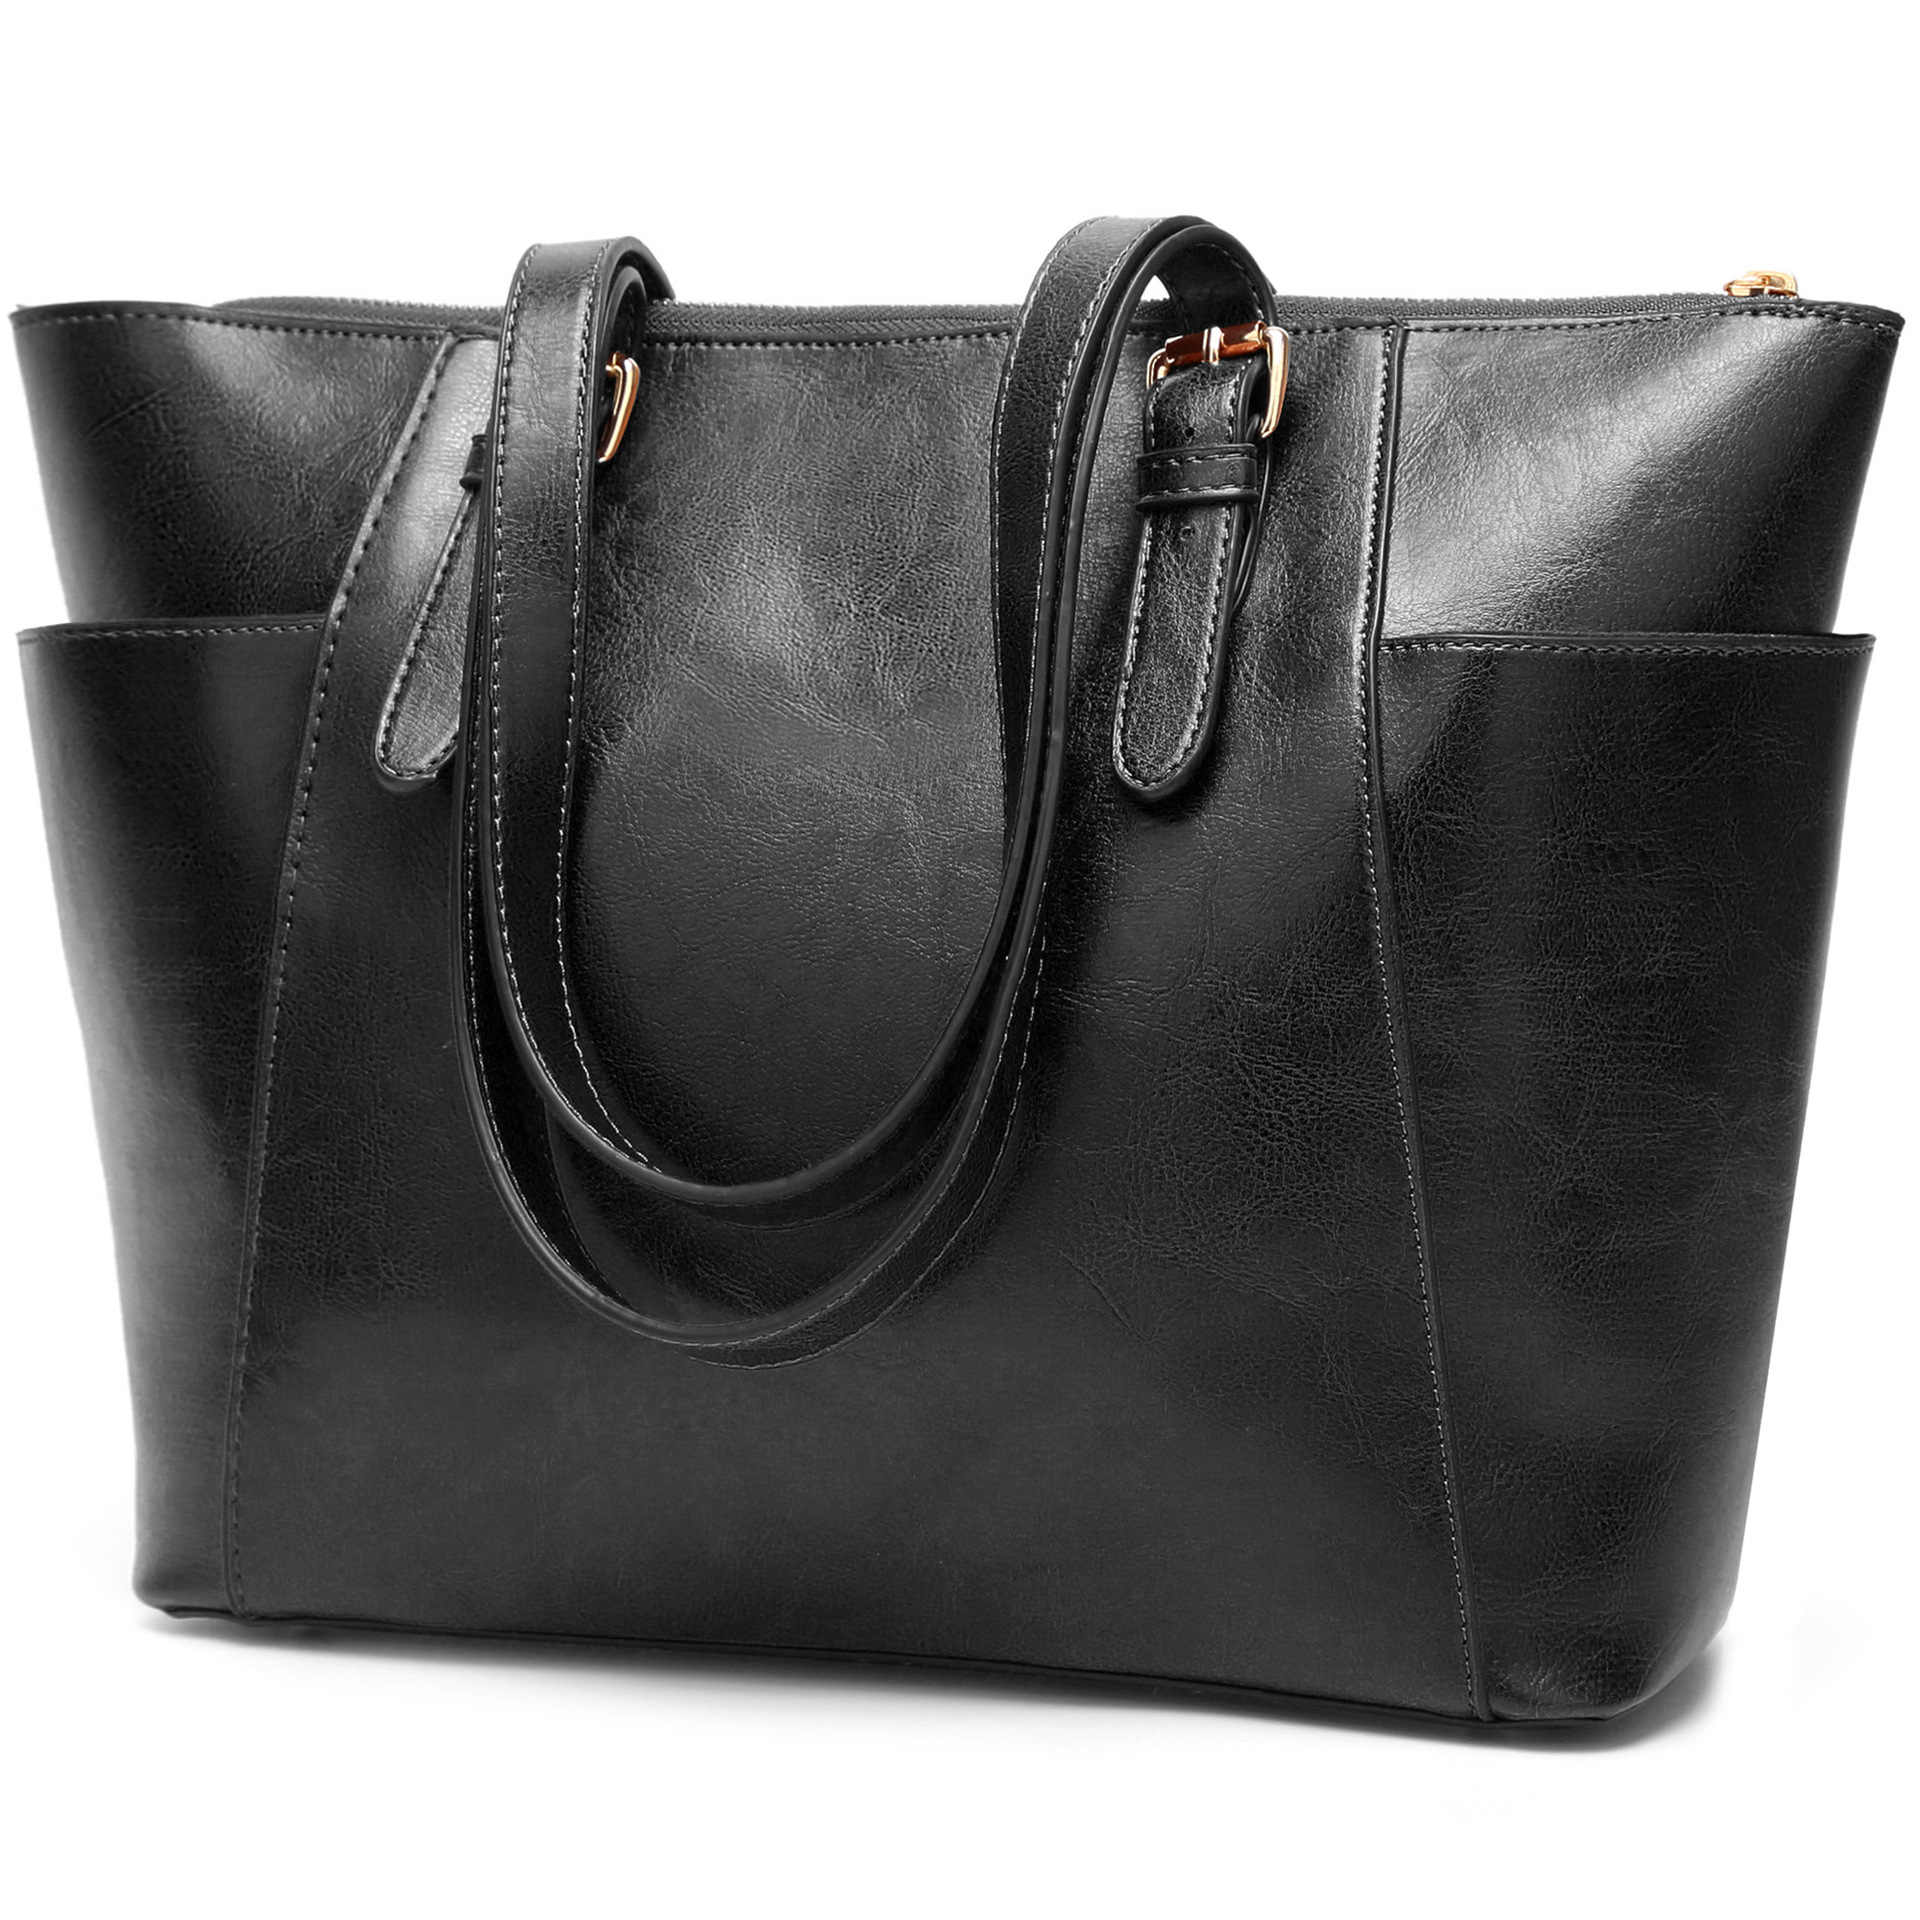 Deri Hobos lüks çanta kadın çanta tasarımcı çantaları yüksek kaliteli kadınlar için Crossbody çanta omuzdan askili çanta ana kesesi N412